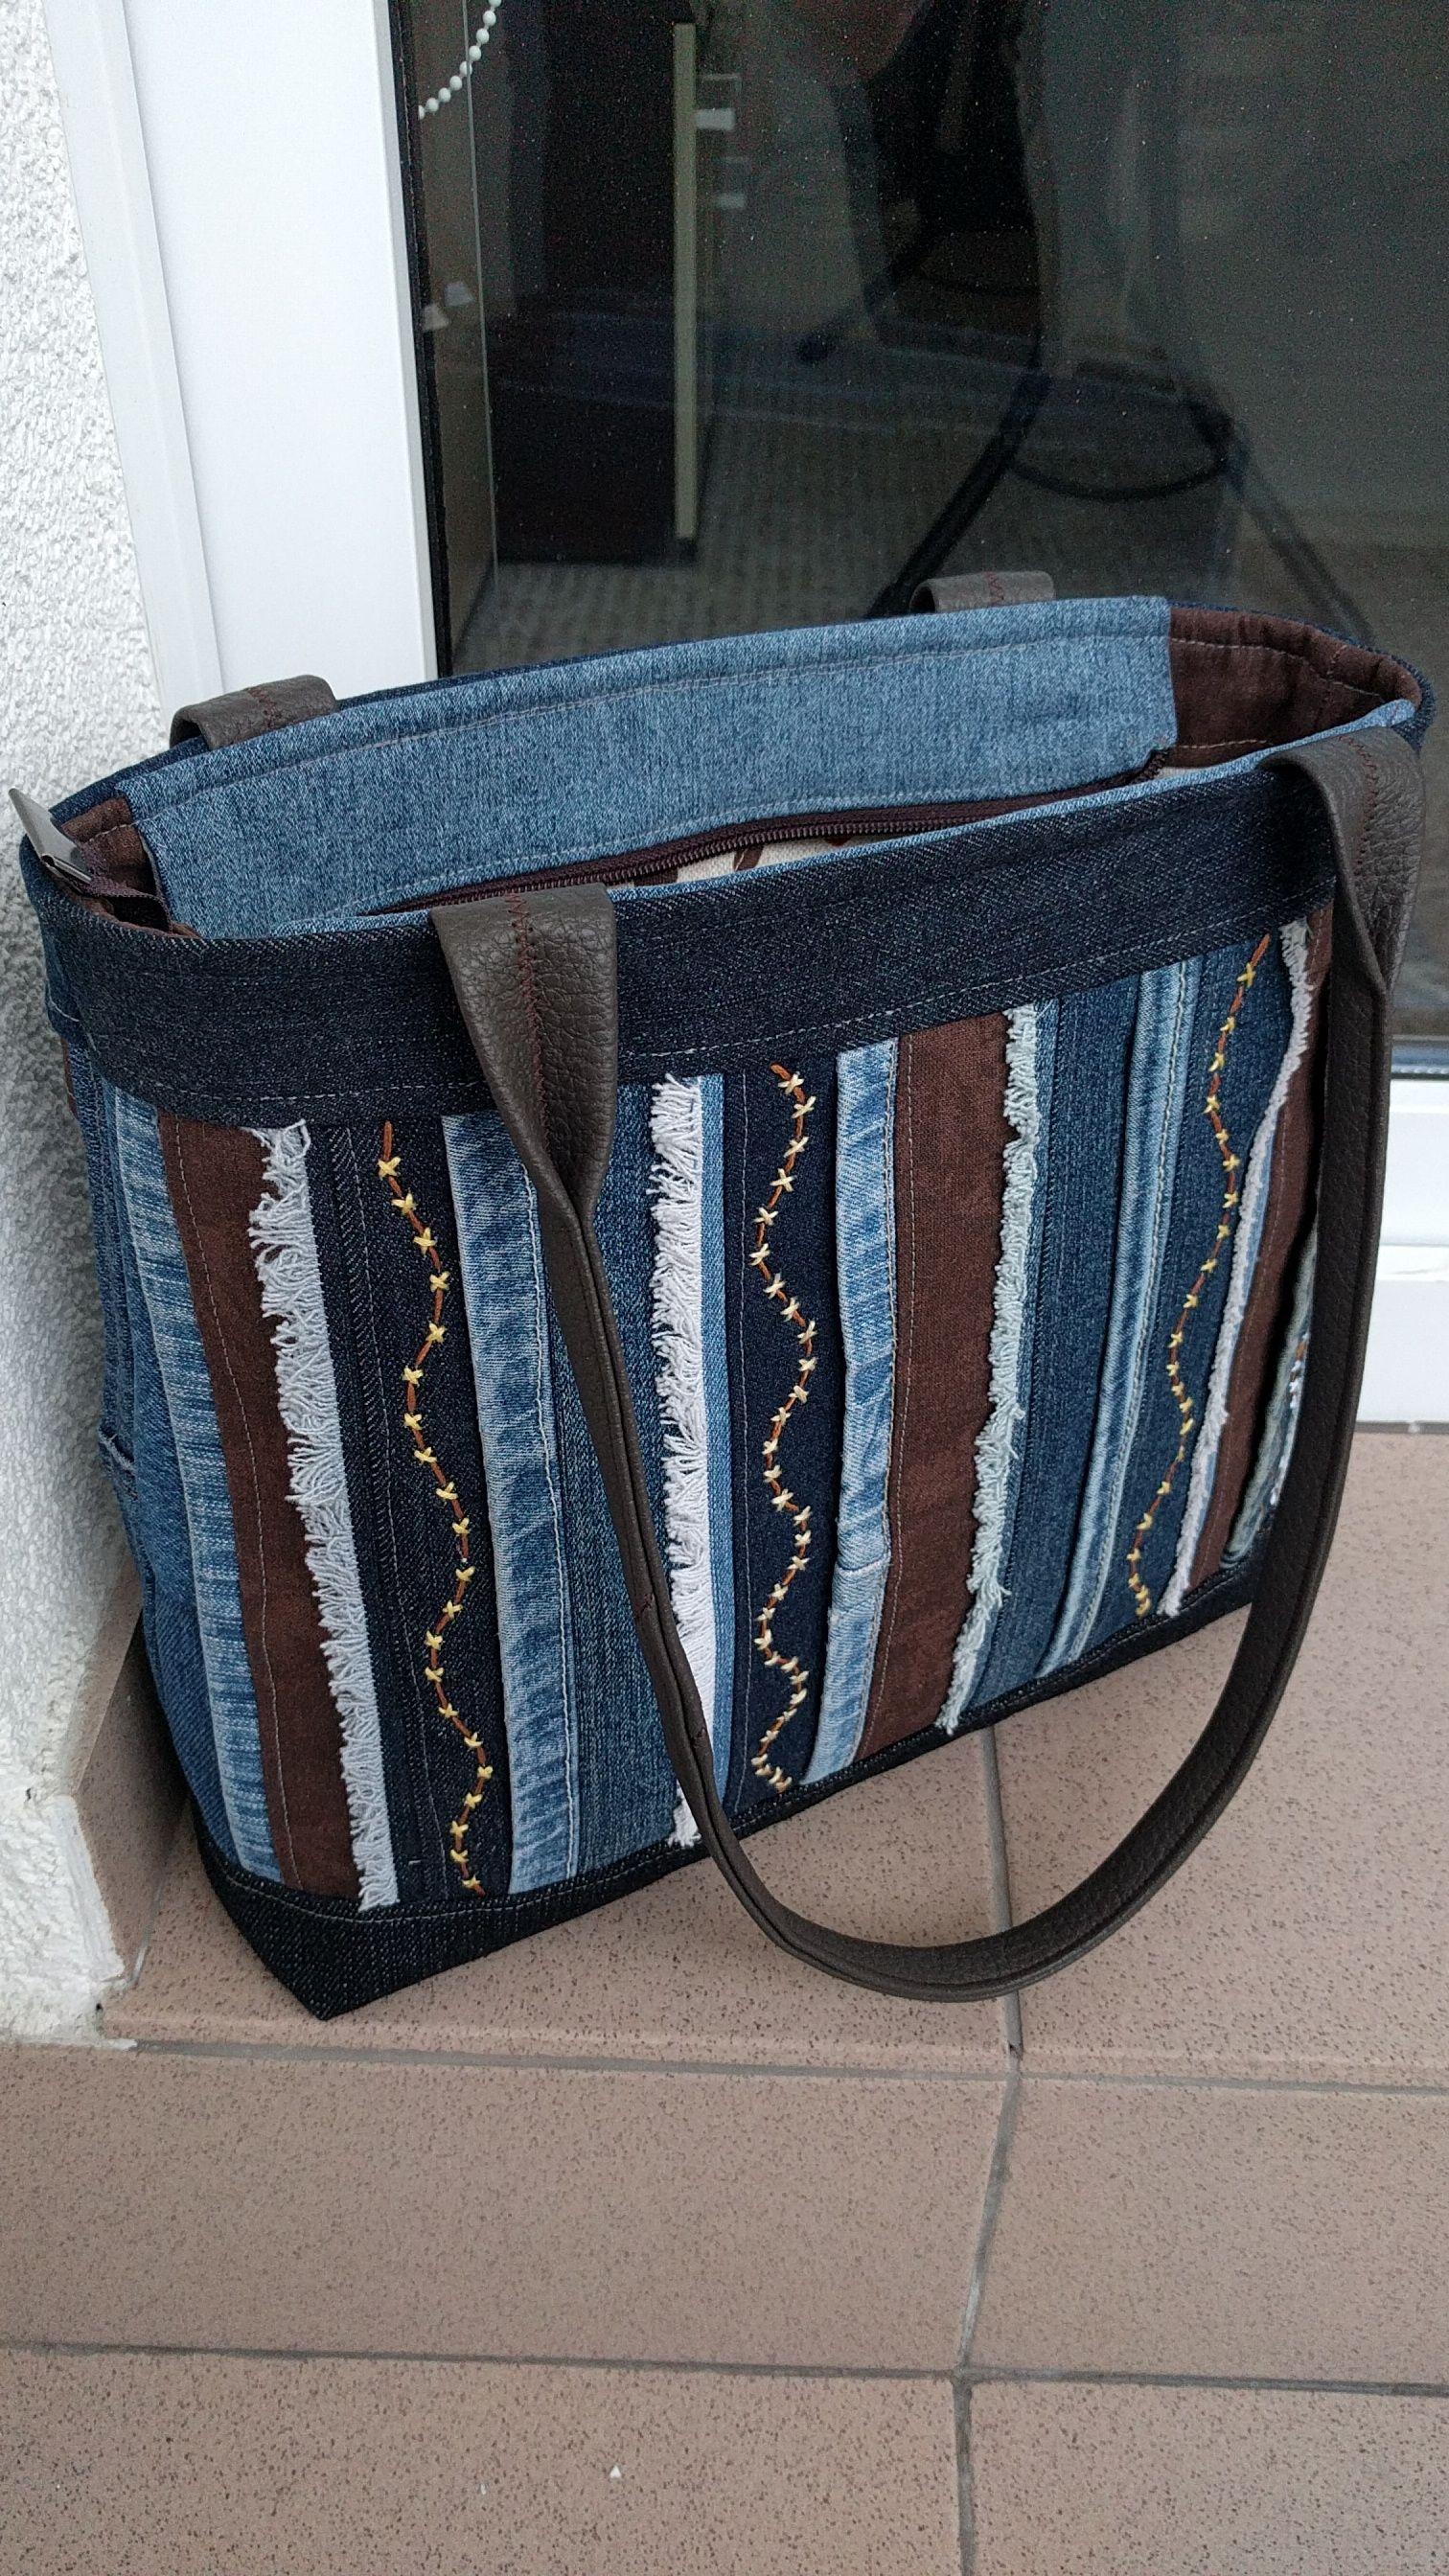 b24b01b76c Riflová+kabelka+s+pruhy+Krásná+riflová+kabelka +střední+velikosti+-+zaručený+originální+kousek.